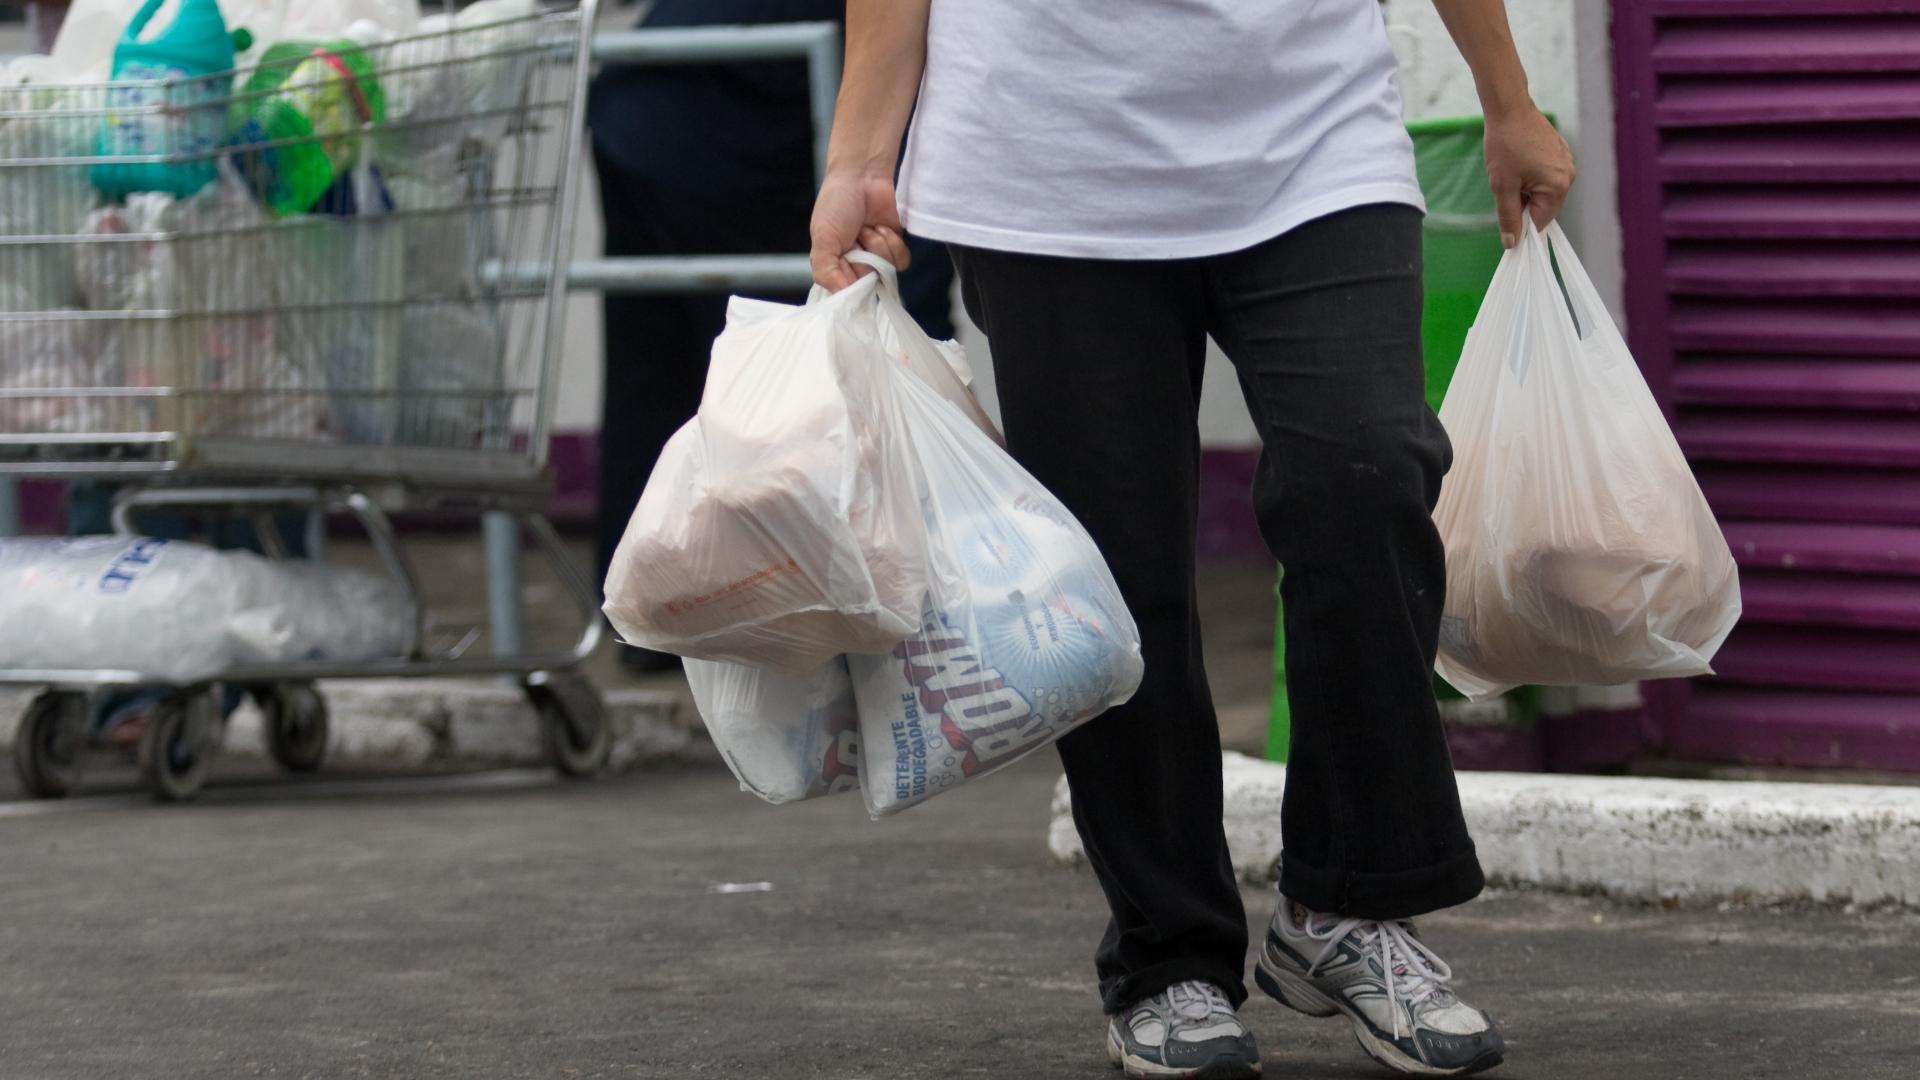 Prohibición bolsas plásticas